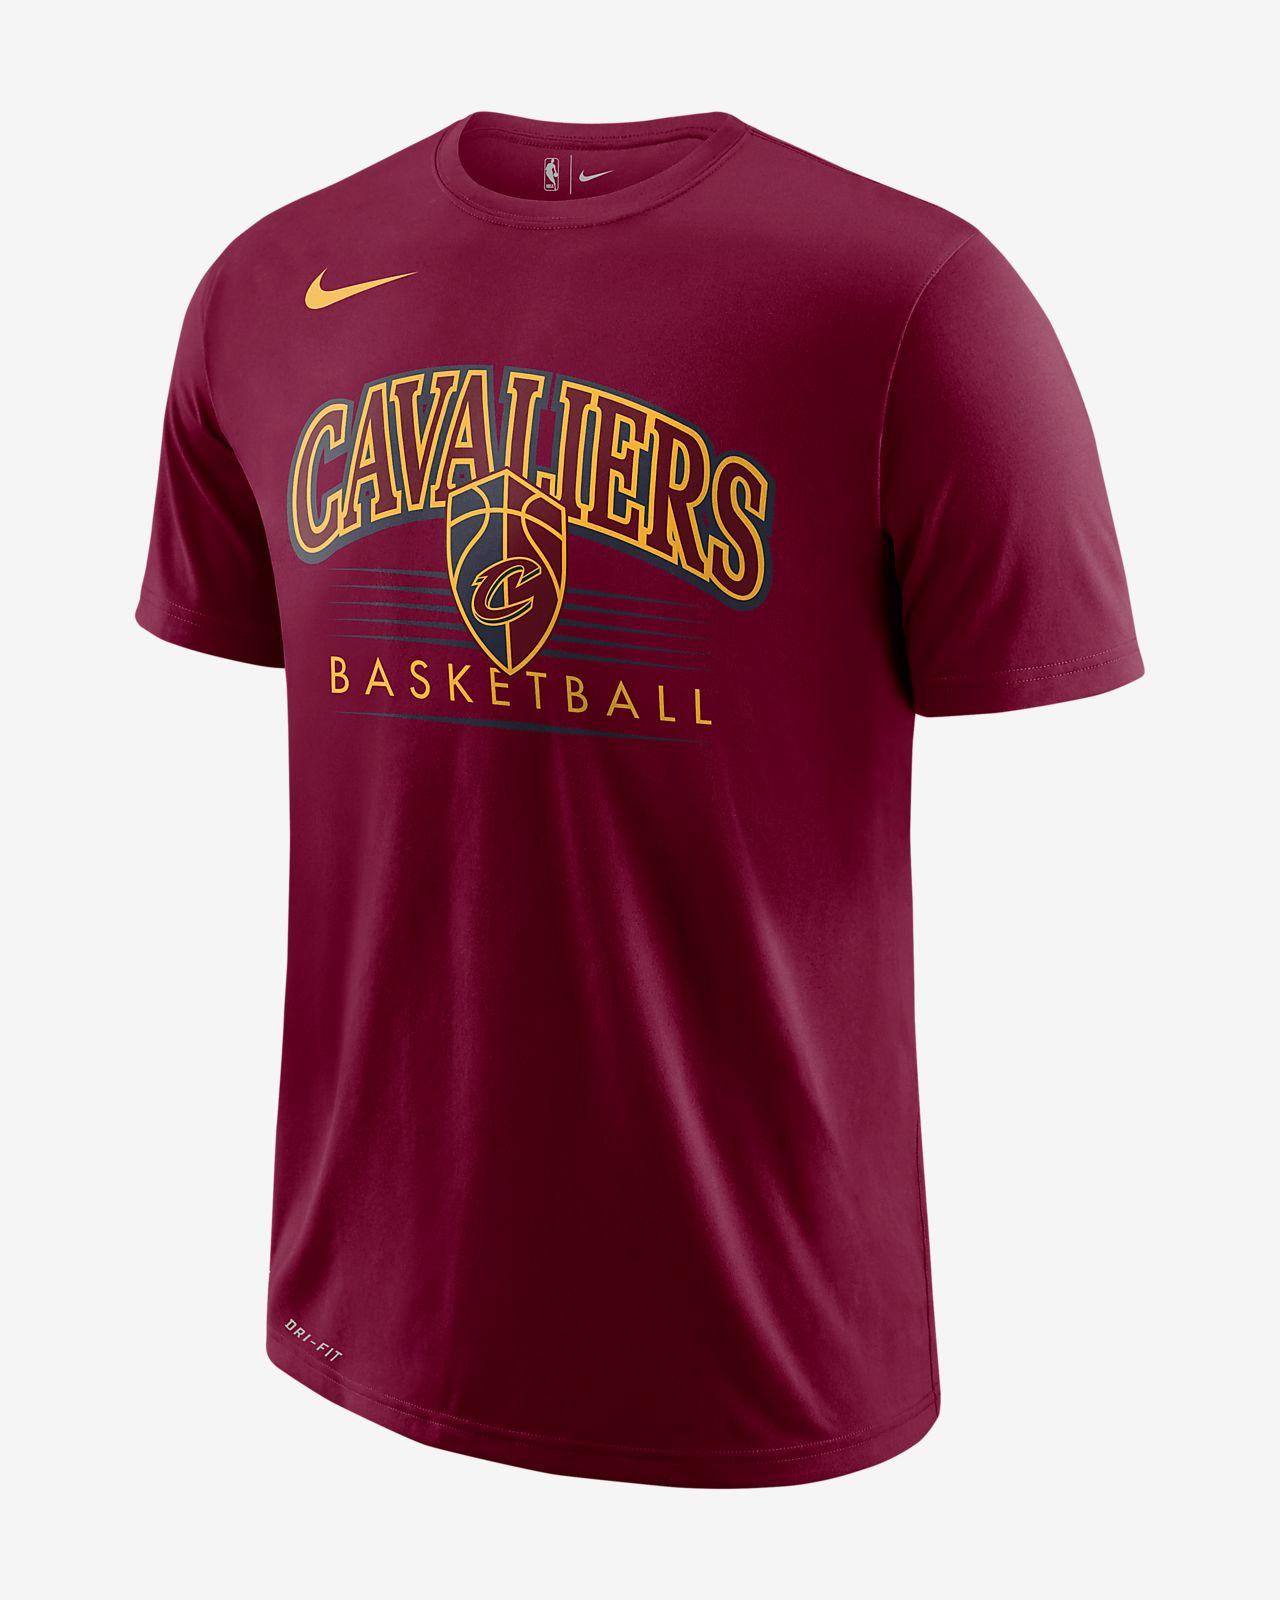 separation shoes 303bc 9a59c Cleveland Cavaliers Nike Dri-FIT Men's NBA T-Shirt